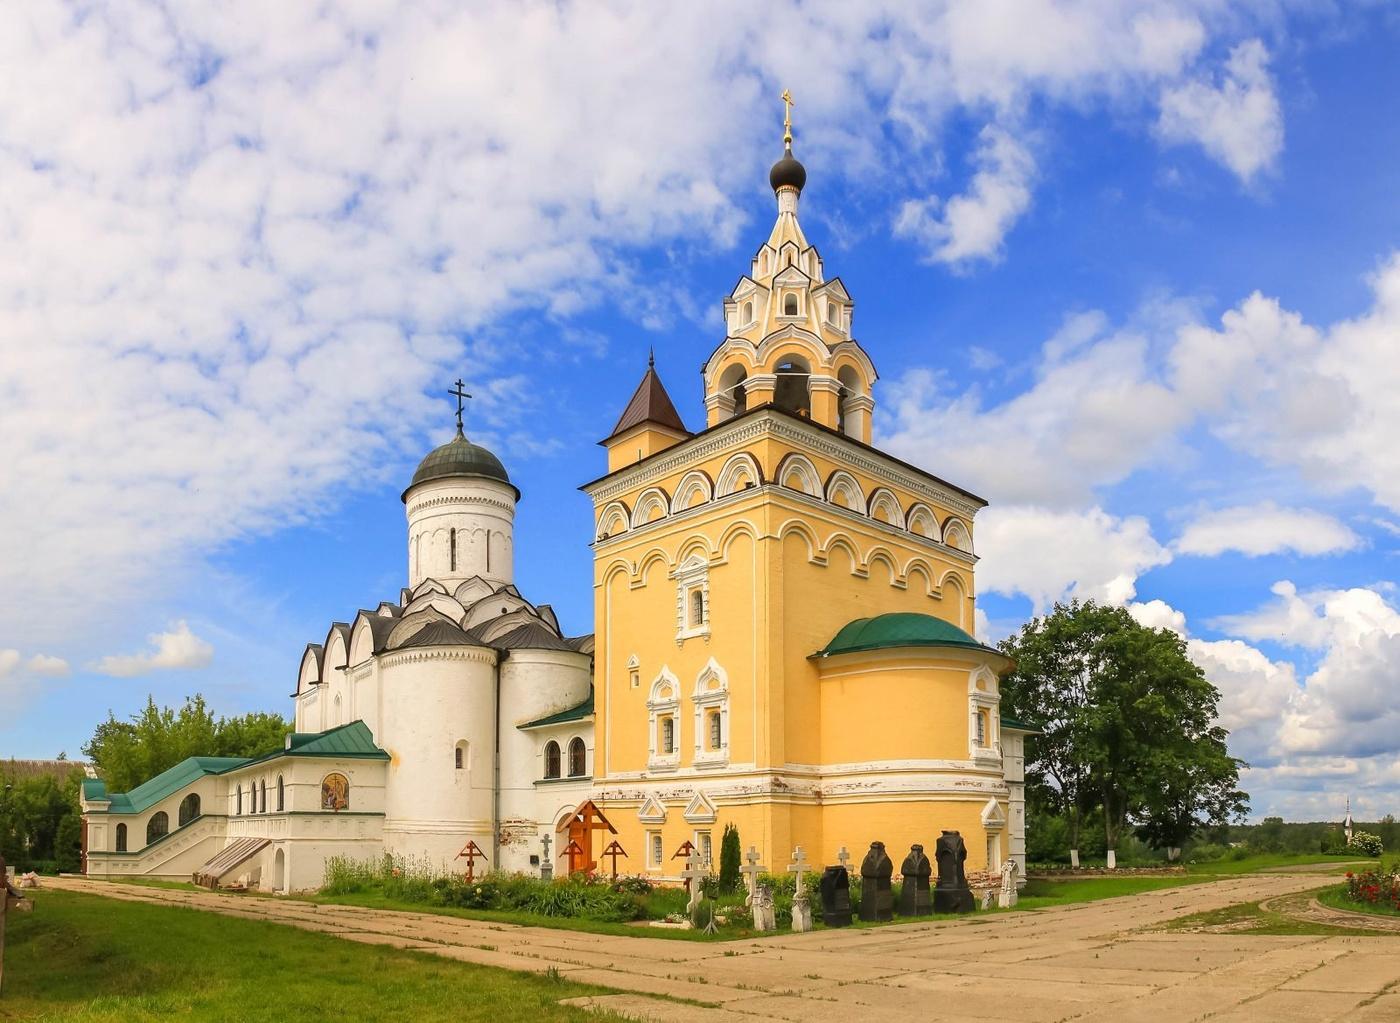 Приглашаем в паломничество в Киржач и Стромынь